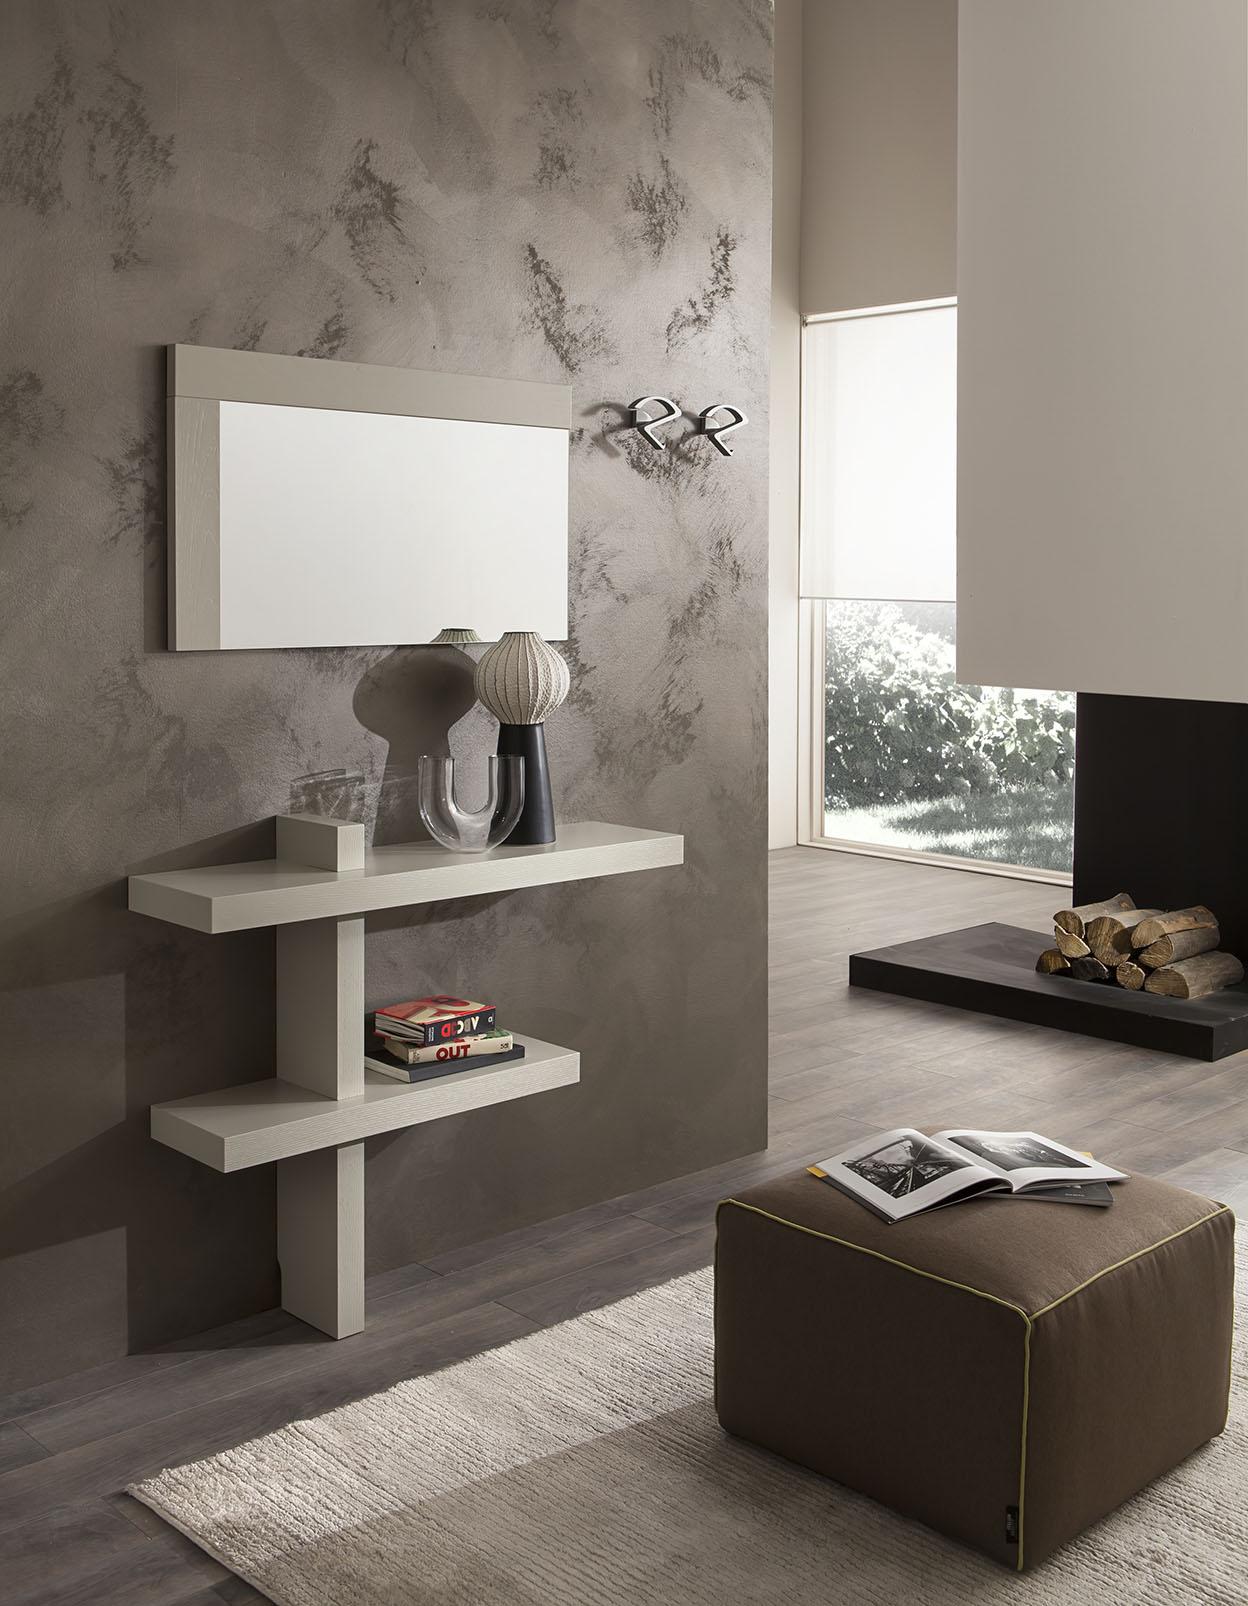 Ingresso Moderno Sospeso con Specchio e Vano a Giorno Sandy € 520.00 ...